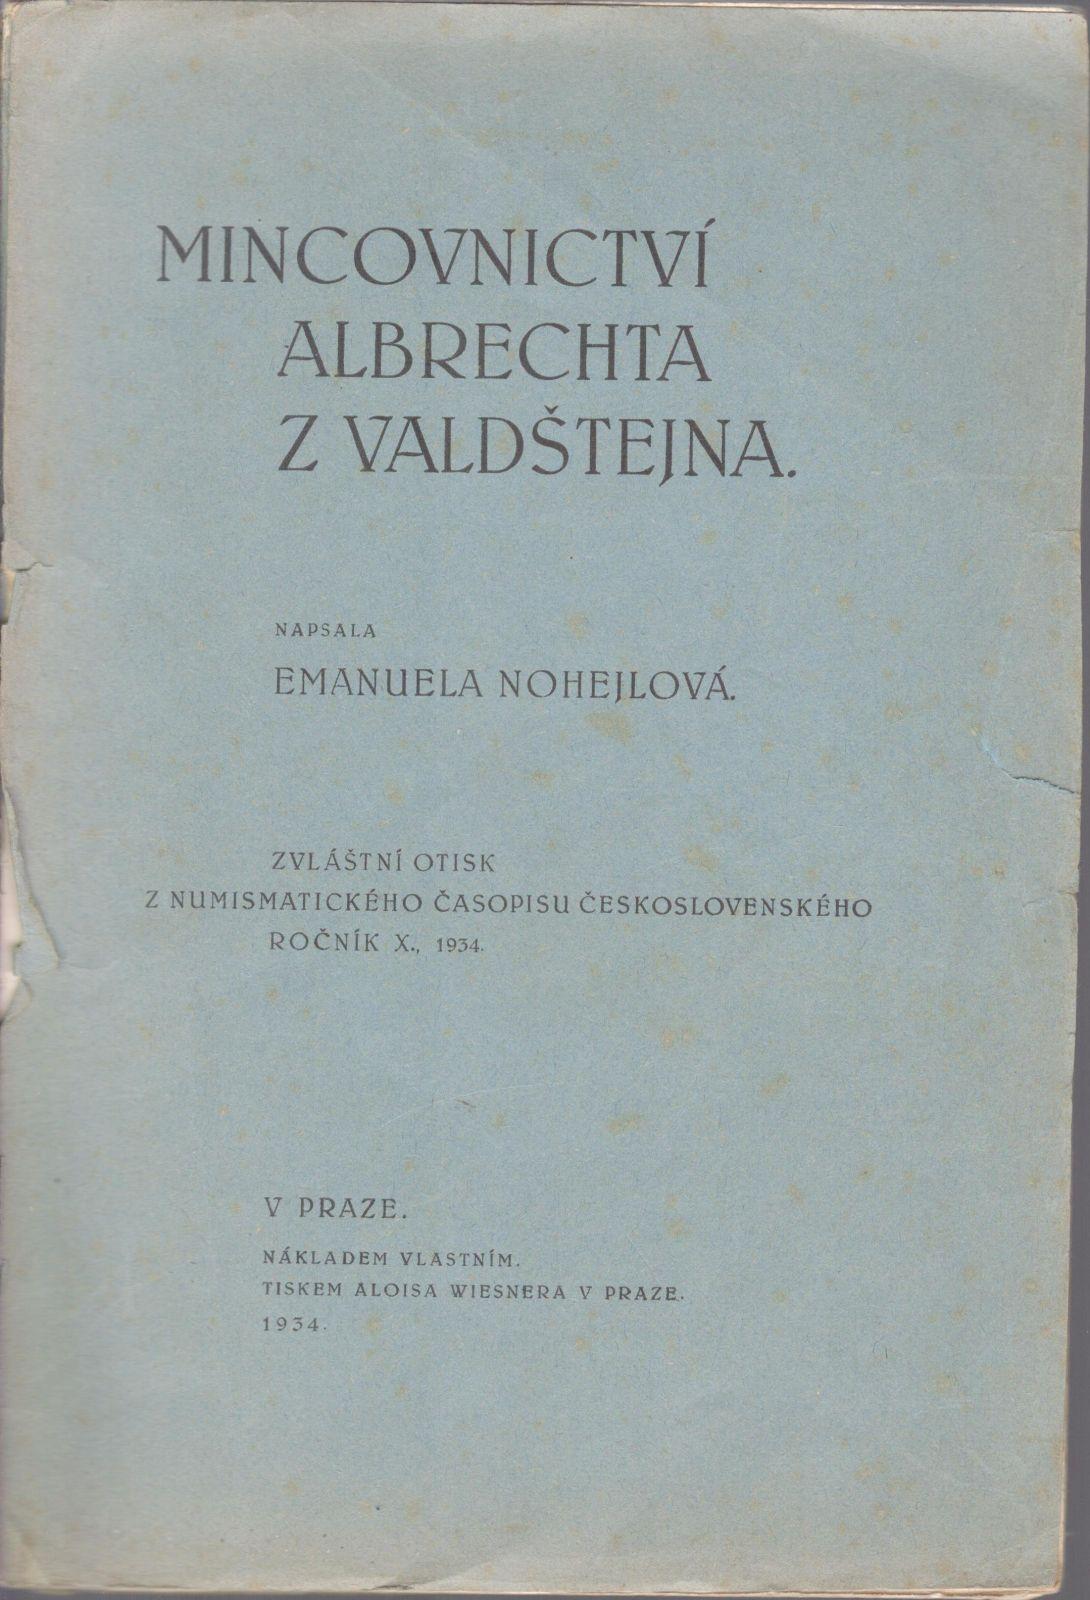 Mincovnictví Albrechta z Valdštejna (1934), E.Nohejlová